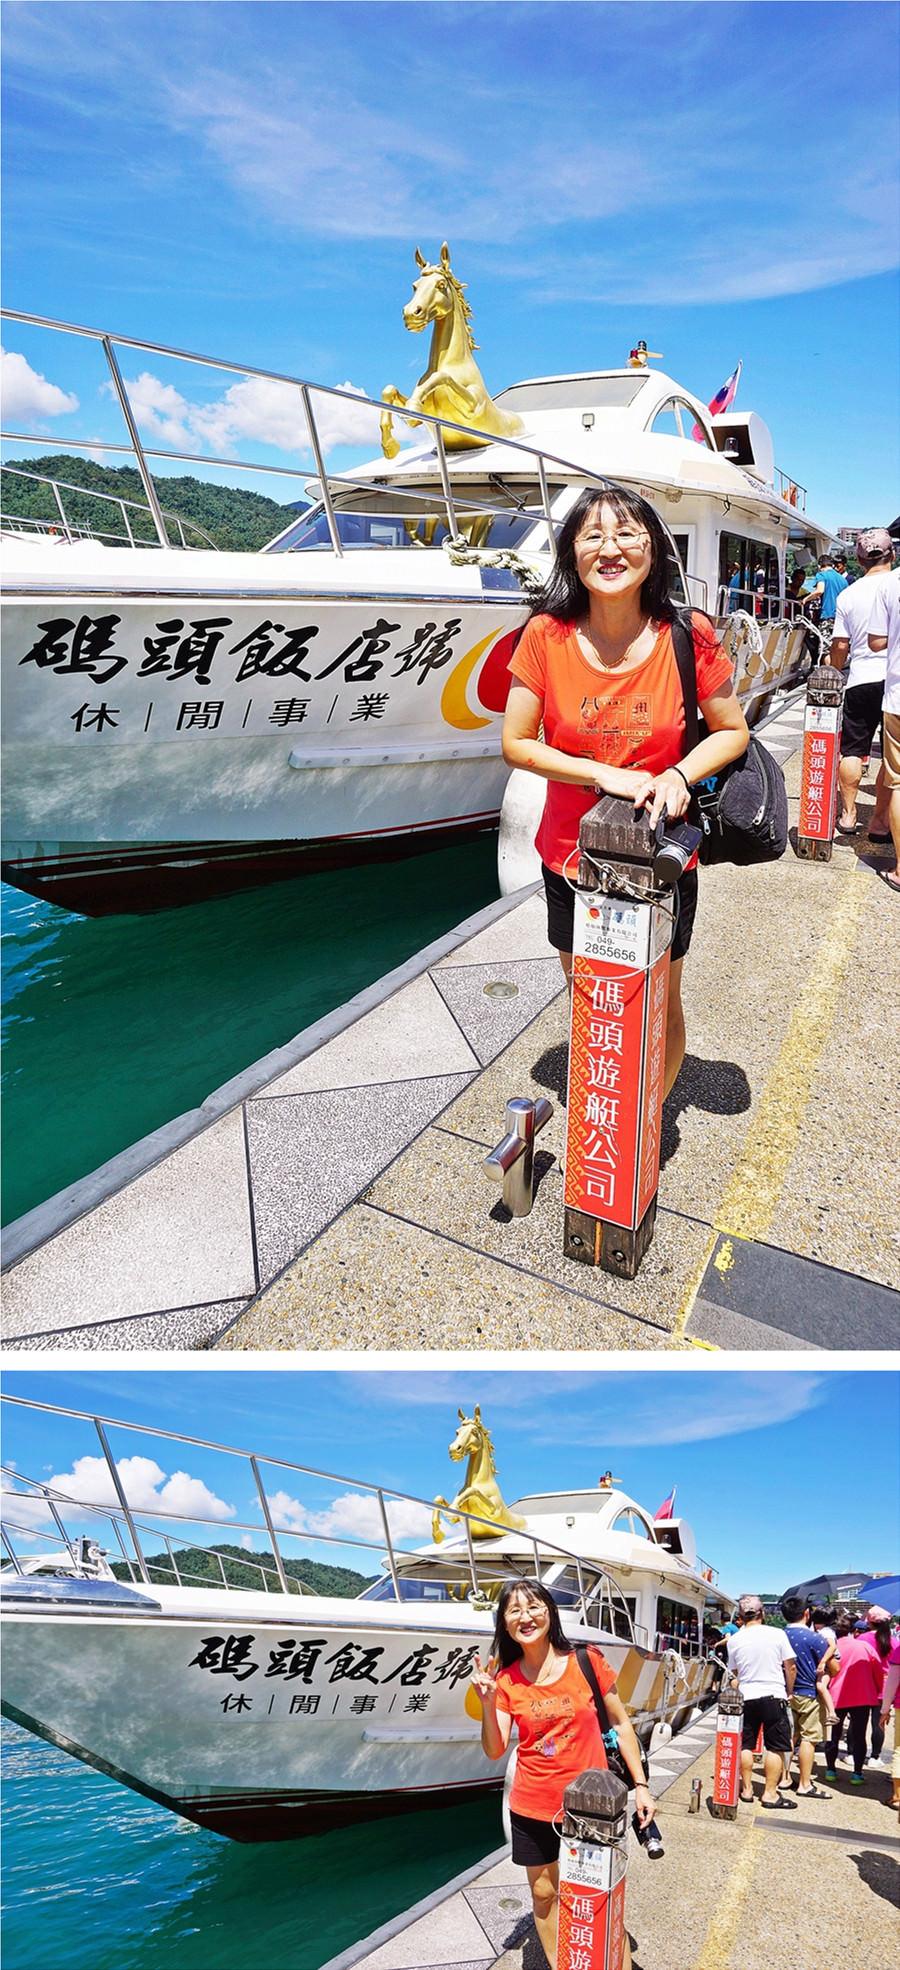 日月潭玄光碼頭 玄光寺 金盆阿嬤香菇茶葉蛋 碼頭遊艇 - 瓦妮又在吃